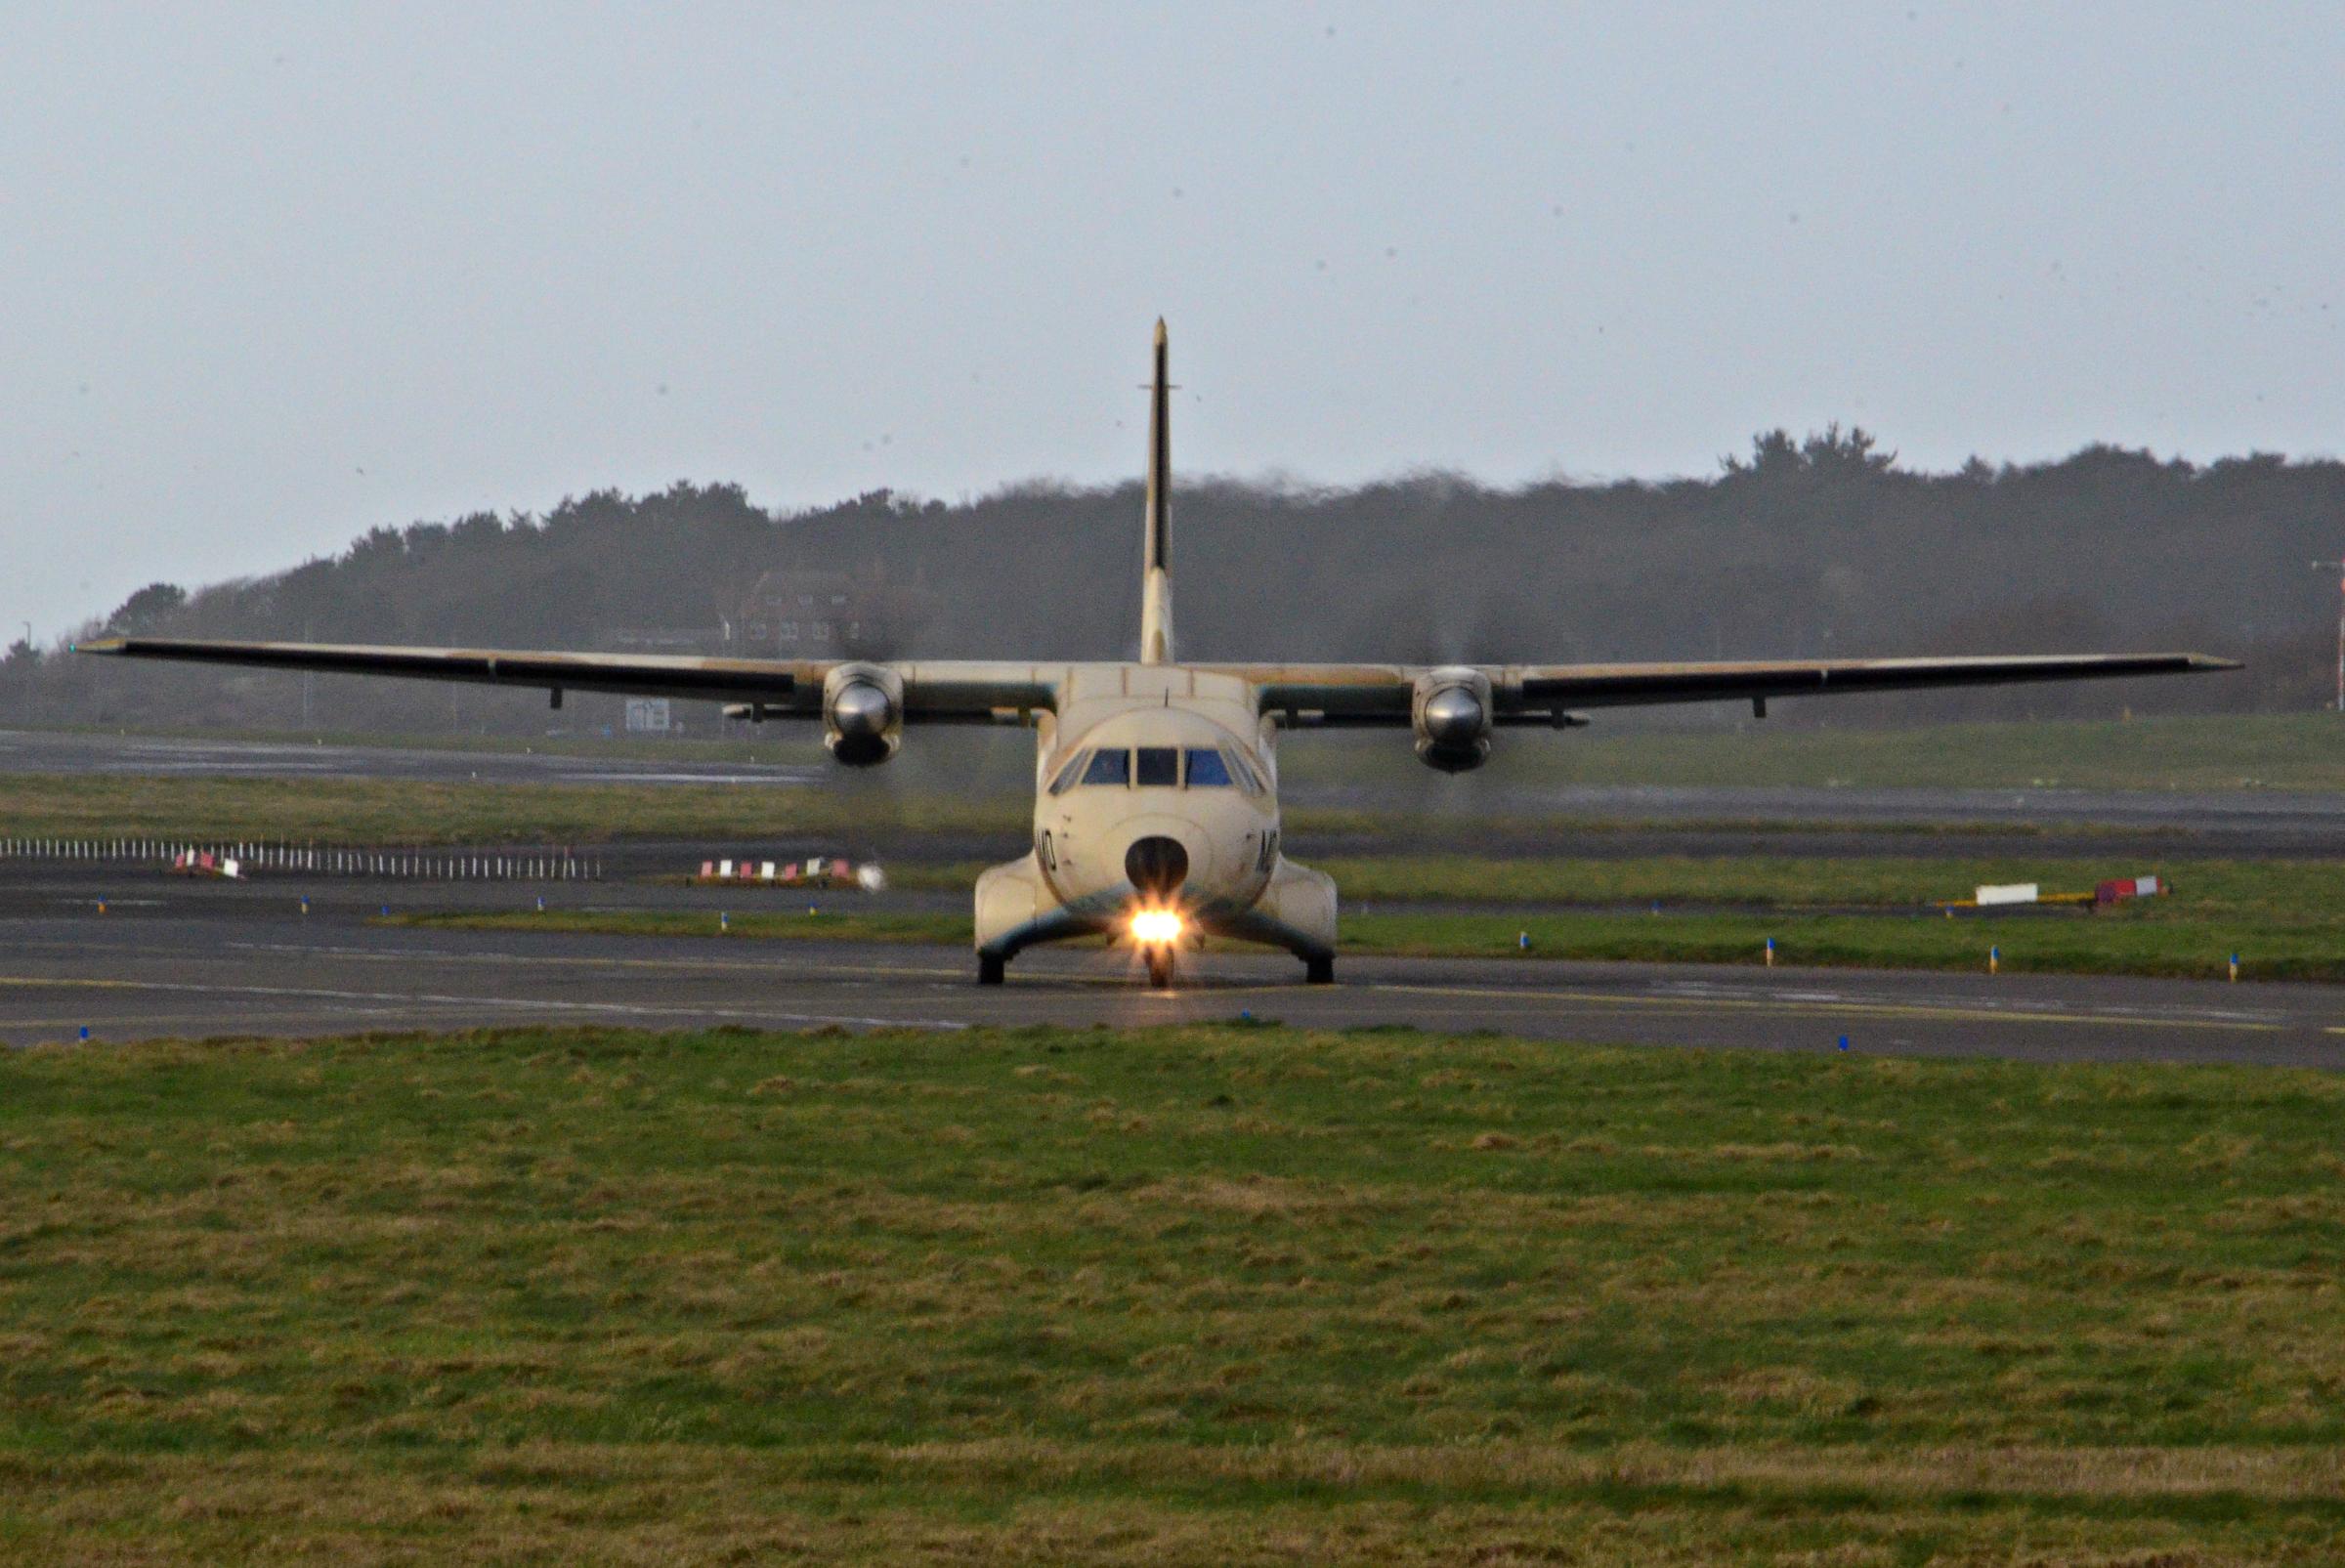 FRA: Photos d'avions de transport - Page 31 33342436535_349dd41c2c_o